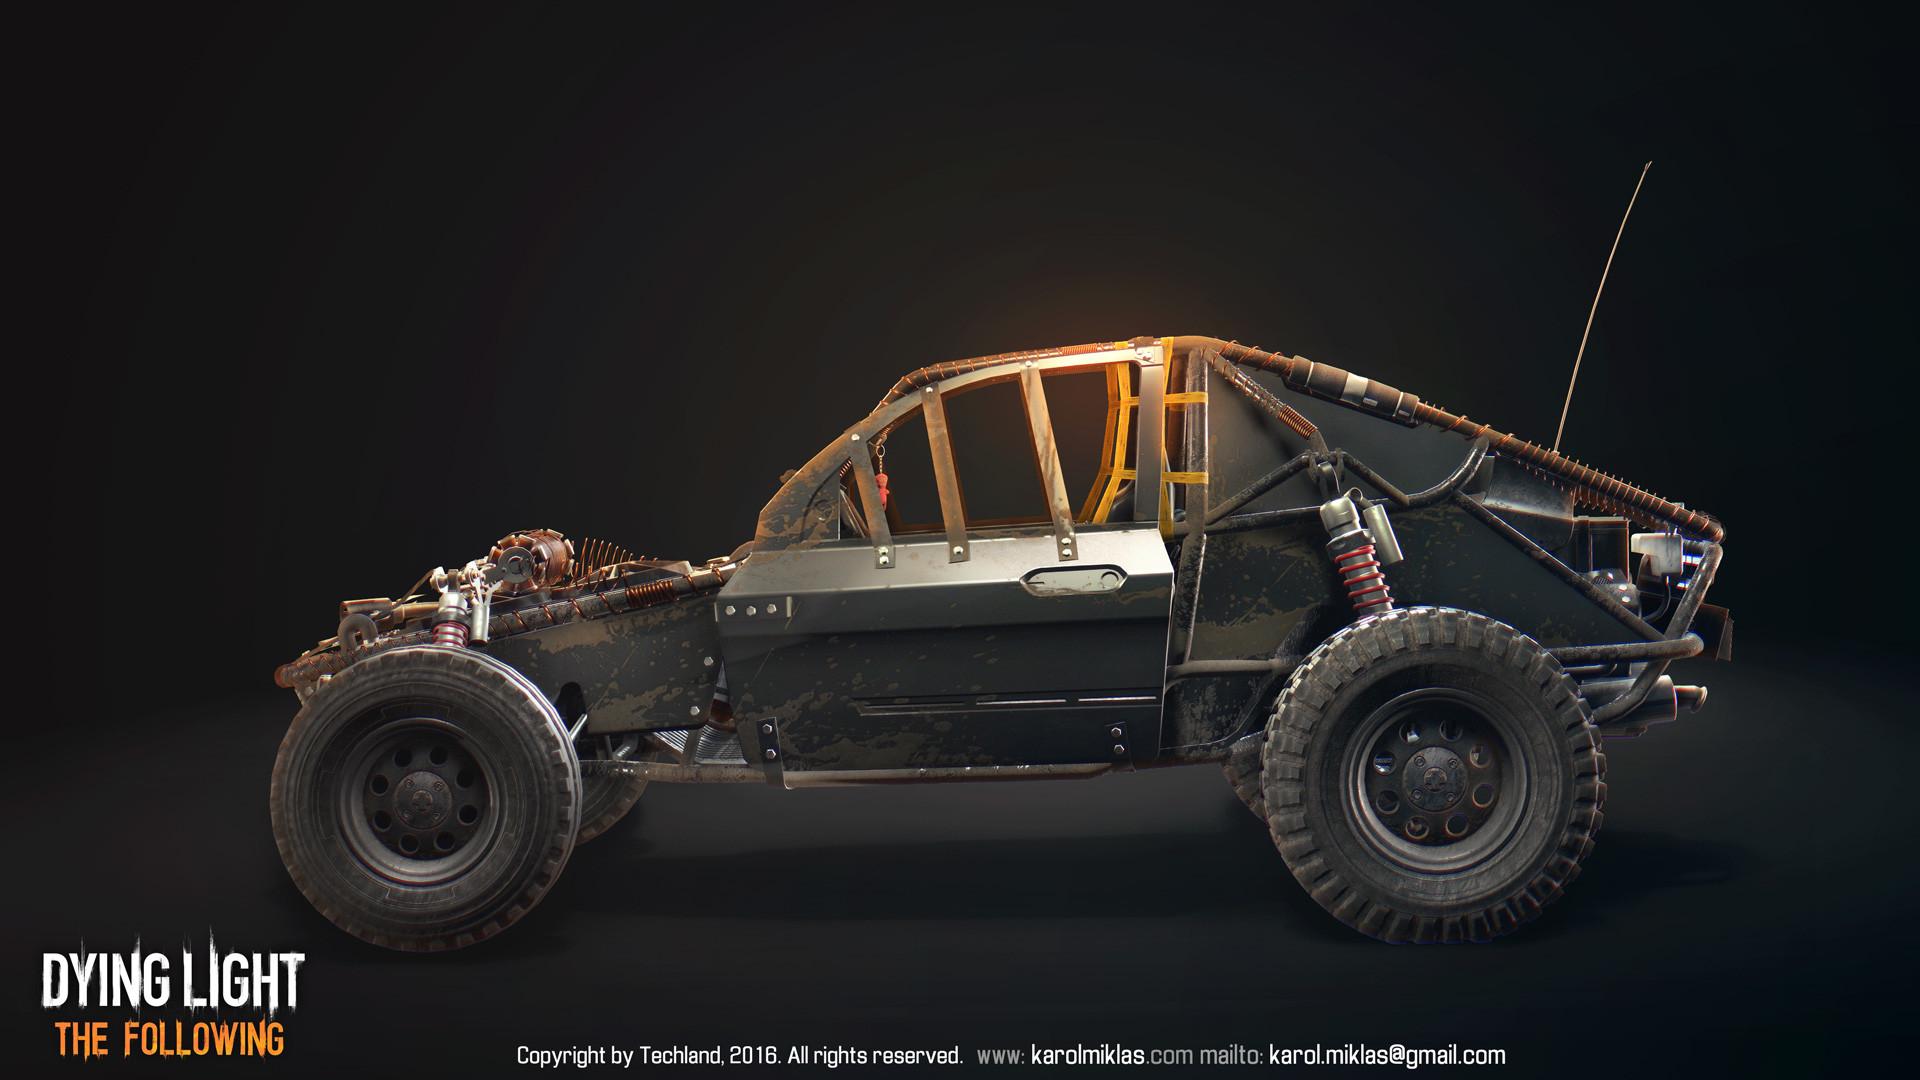 karol-miklas-buggy-6.jpg